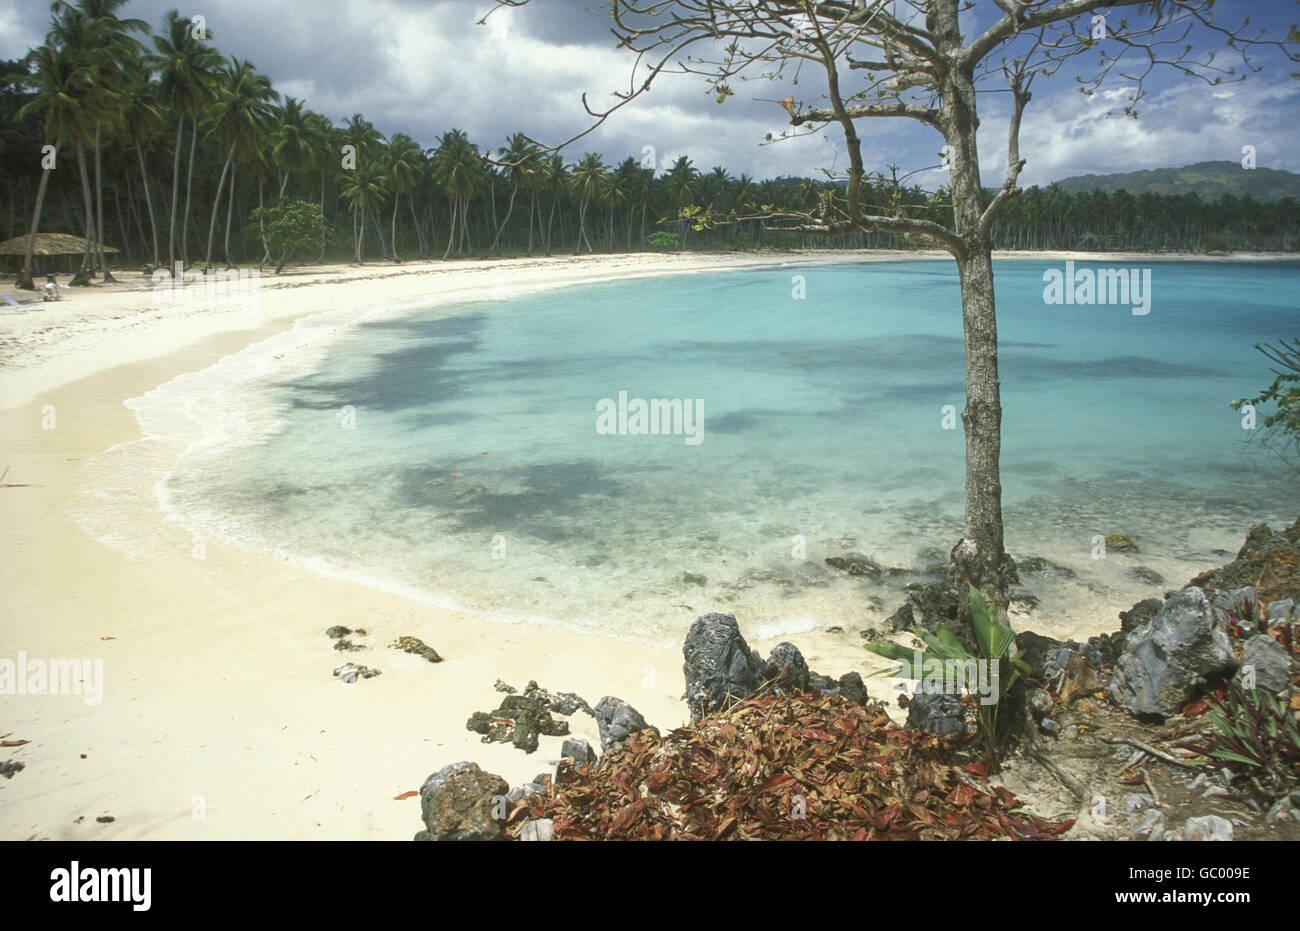 Sterben Sie Strandlandschaft Bei Las Terrenas Auf der Halbinsel Samana eine der Karibik in der Dominikanische Republik. Stockbild